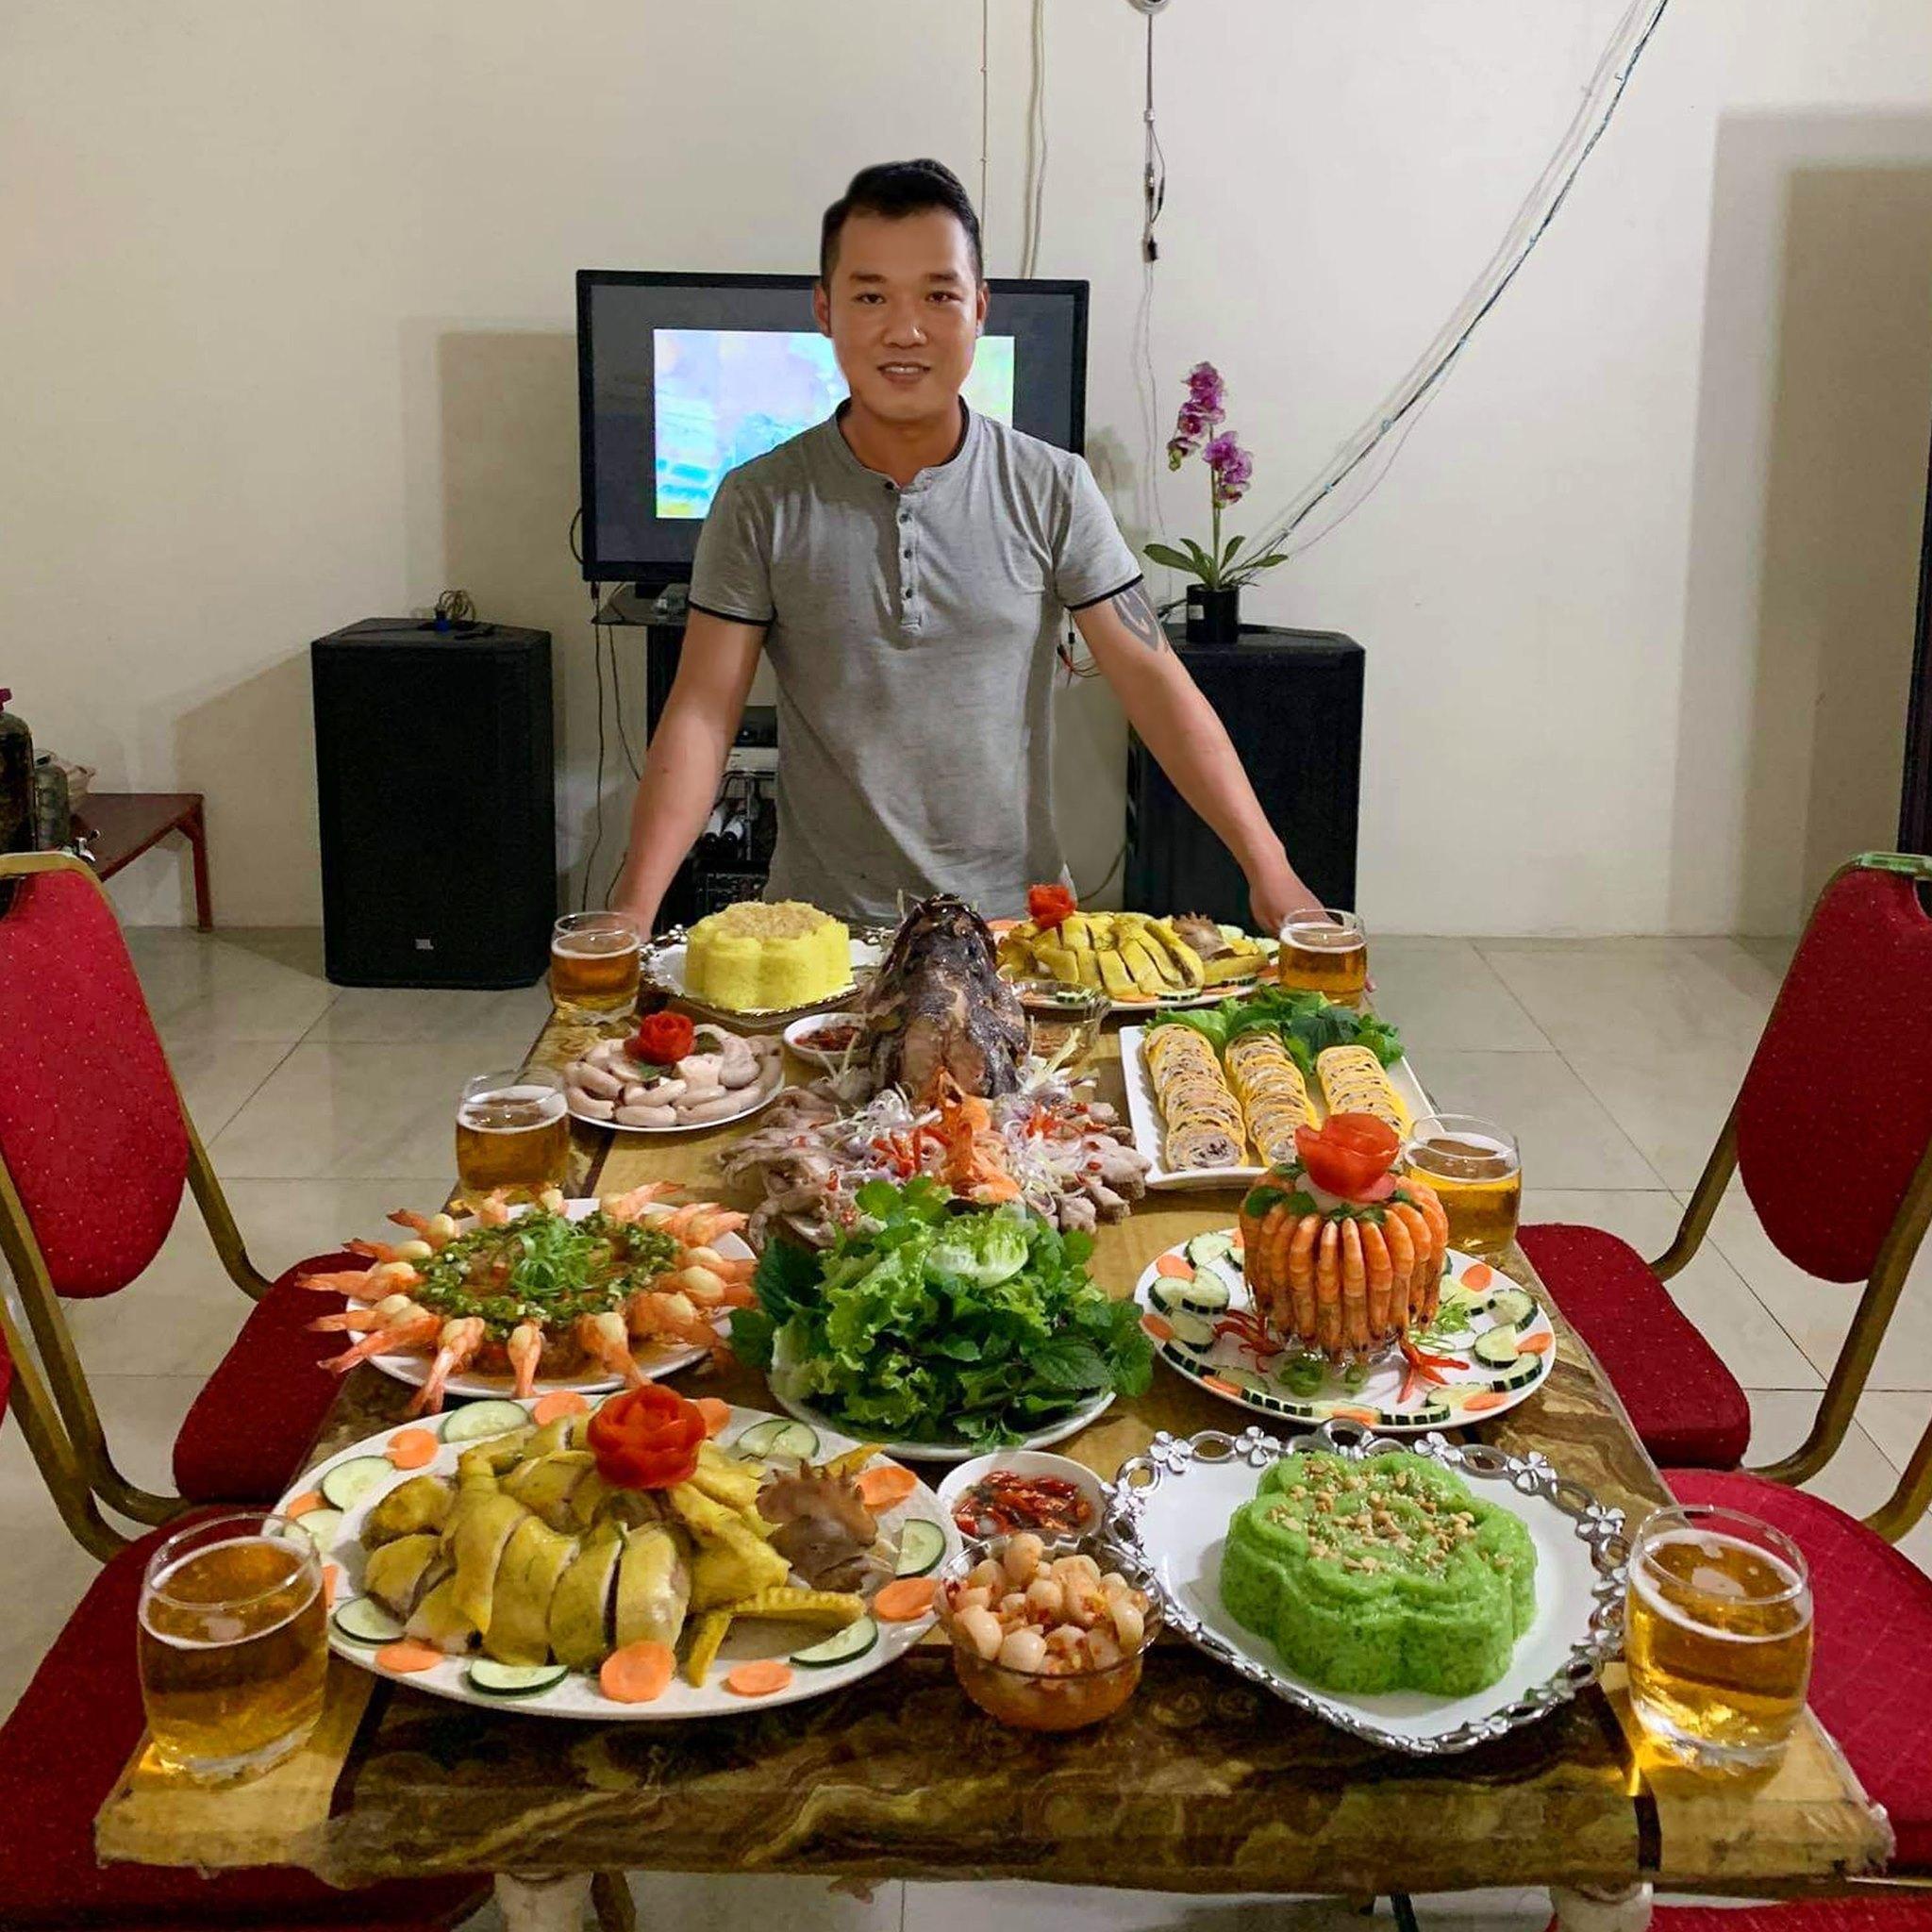 Mâm cơm Việt của chàng trai 10 năm ở châu Phi khiến nhiều người thán phục